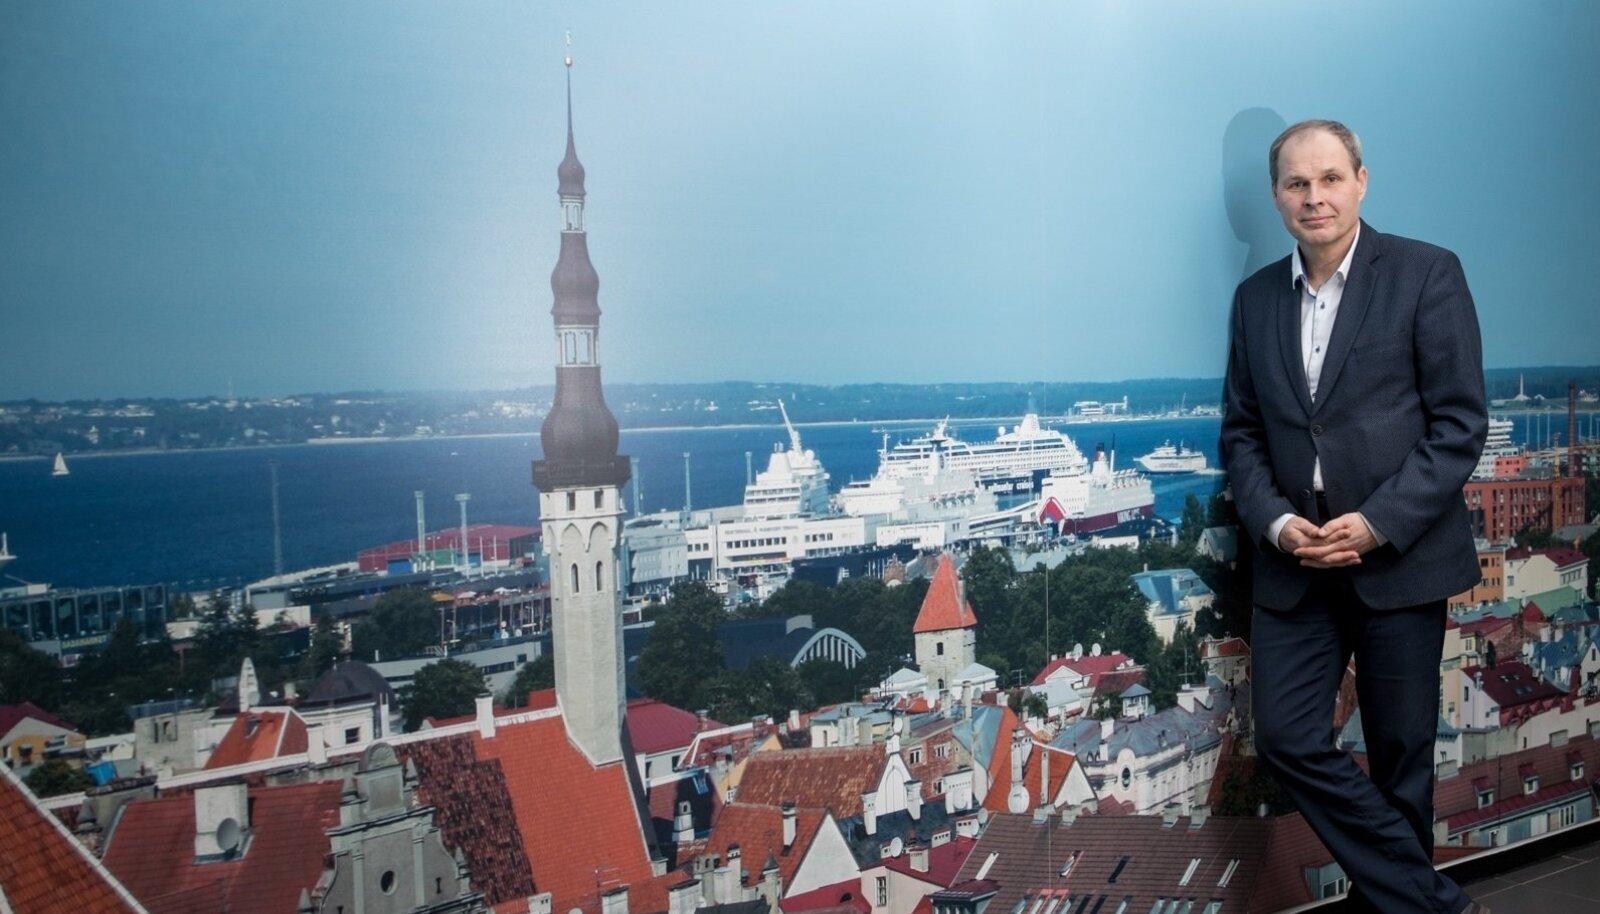 Tallinna Sadama juht Valdo Kalm suutis tänavu börsiettevõtte kasumit kasvatada.